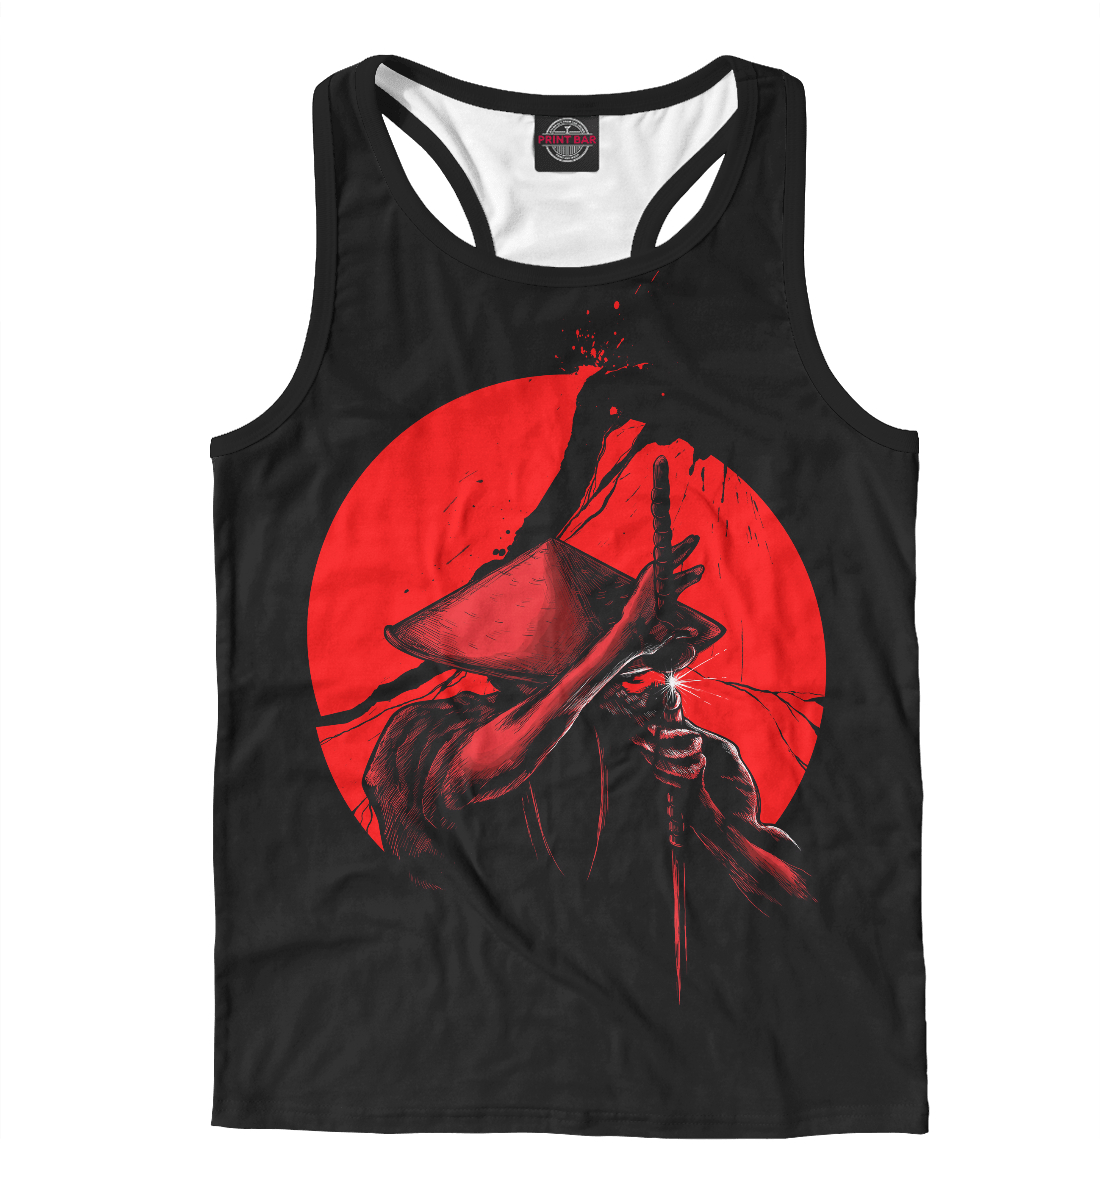 Купить Сила самурая, Printbar, Майки борцовки, EDI-453249-mayb-2